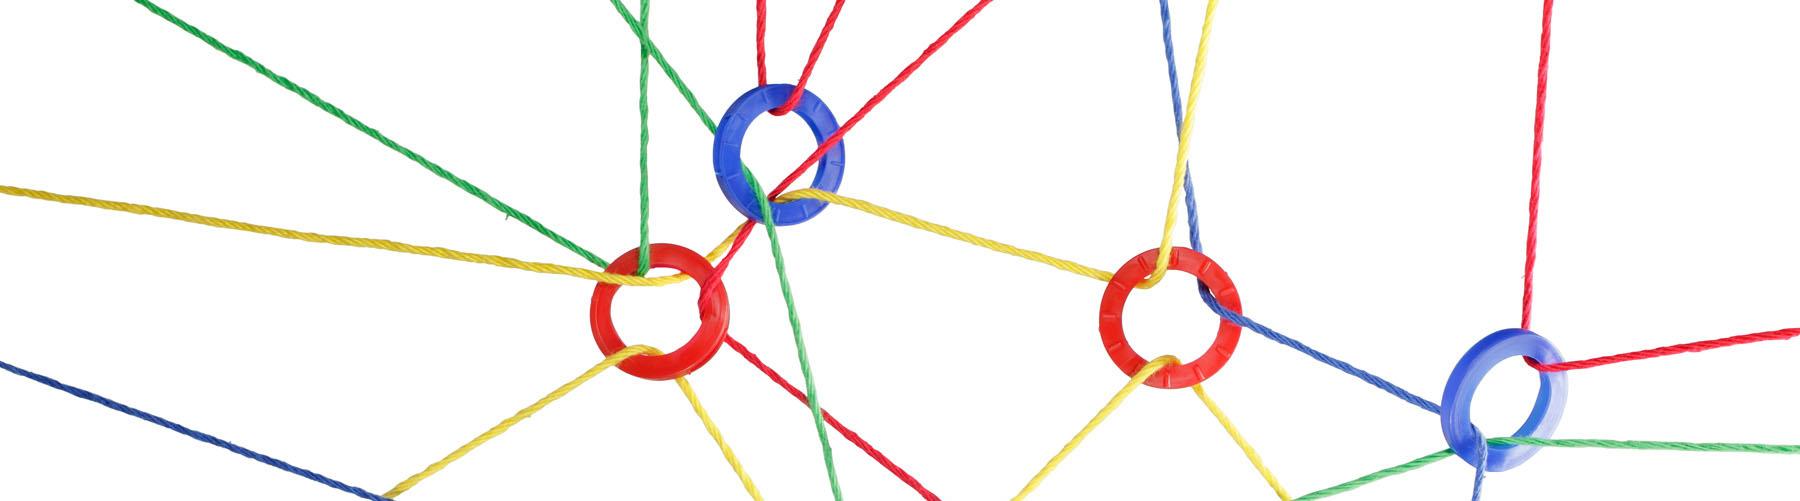 Ringe, die über bunte Fäden miteinander vernetzt sind